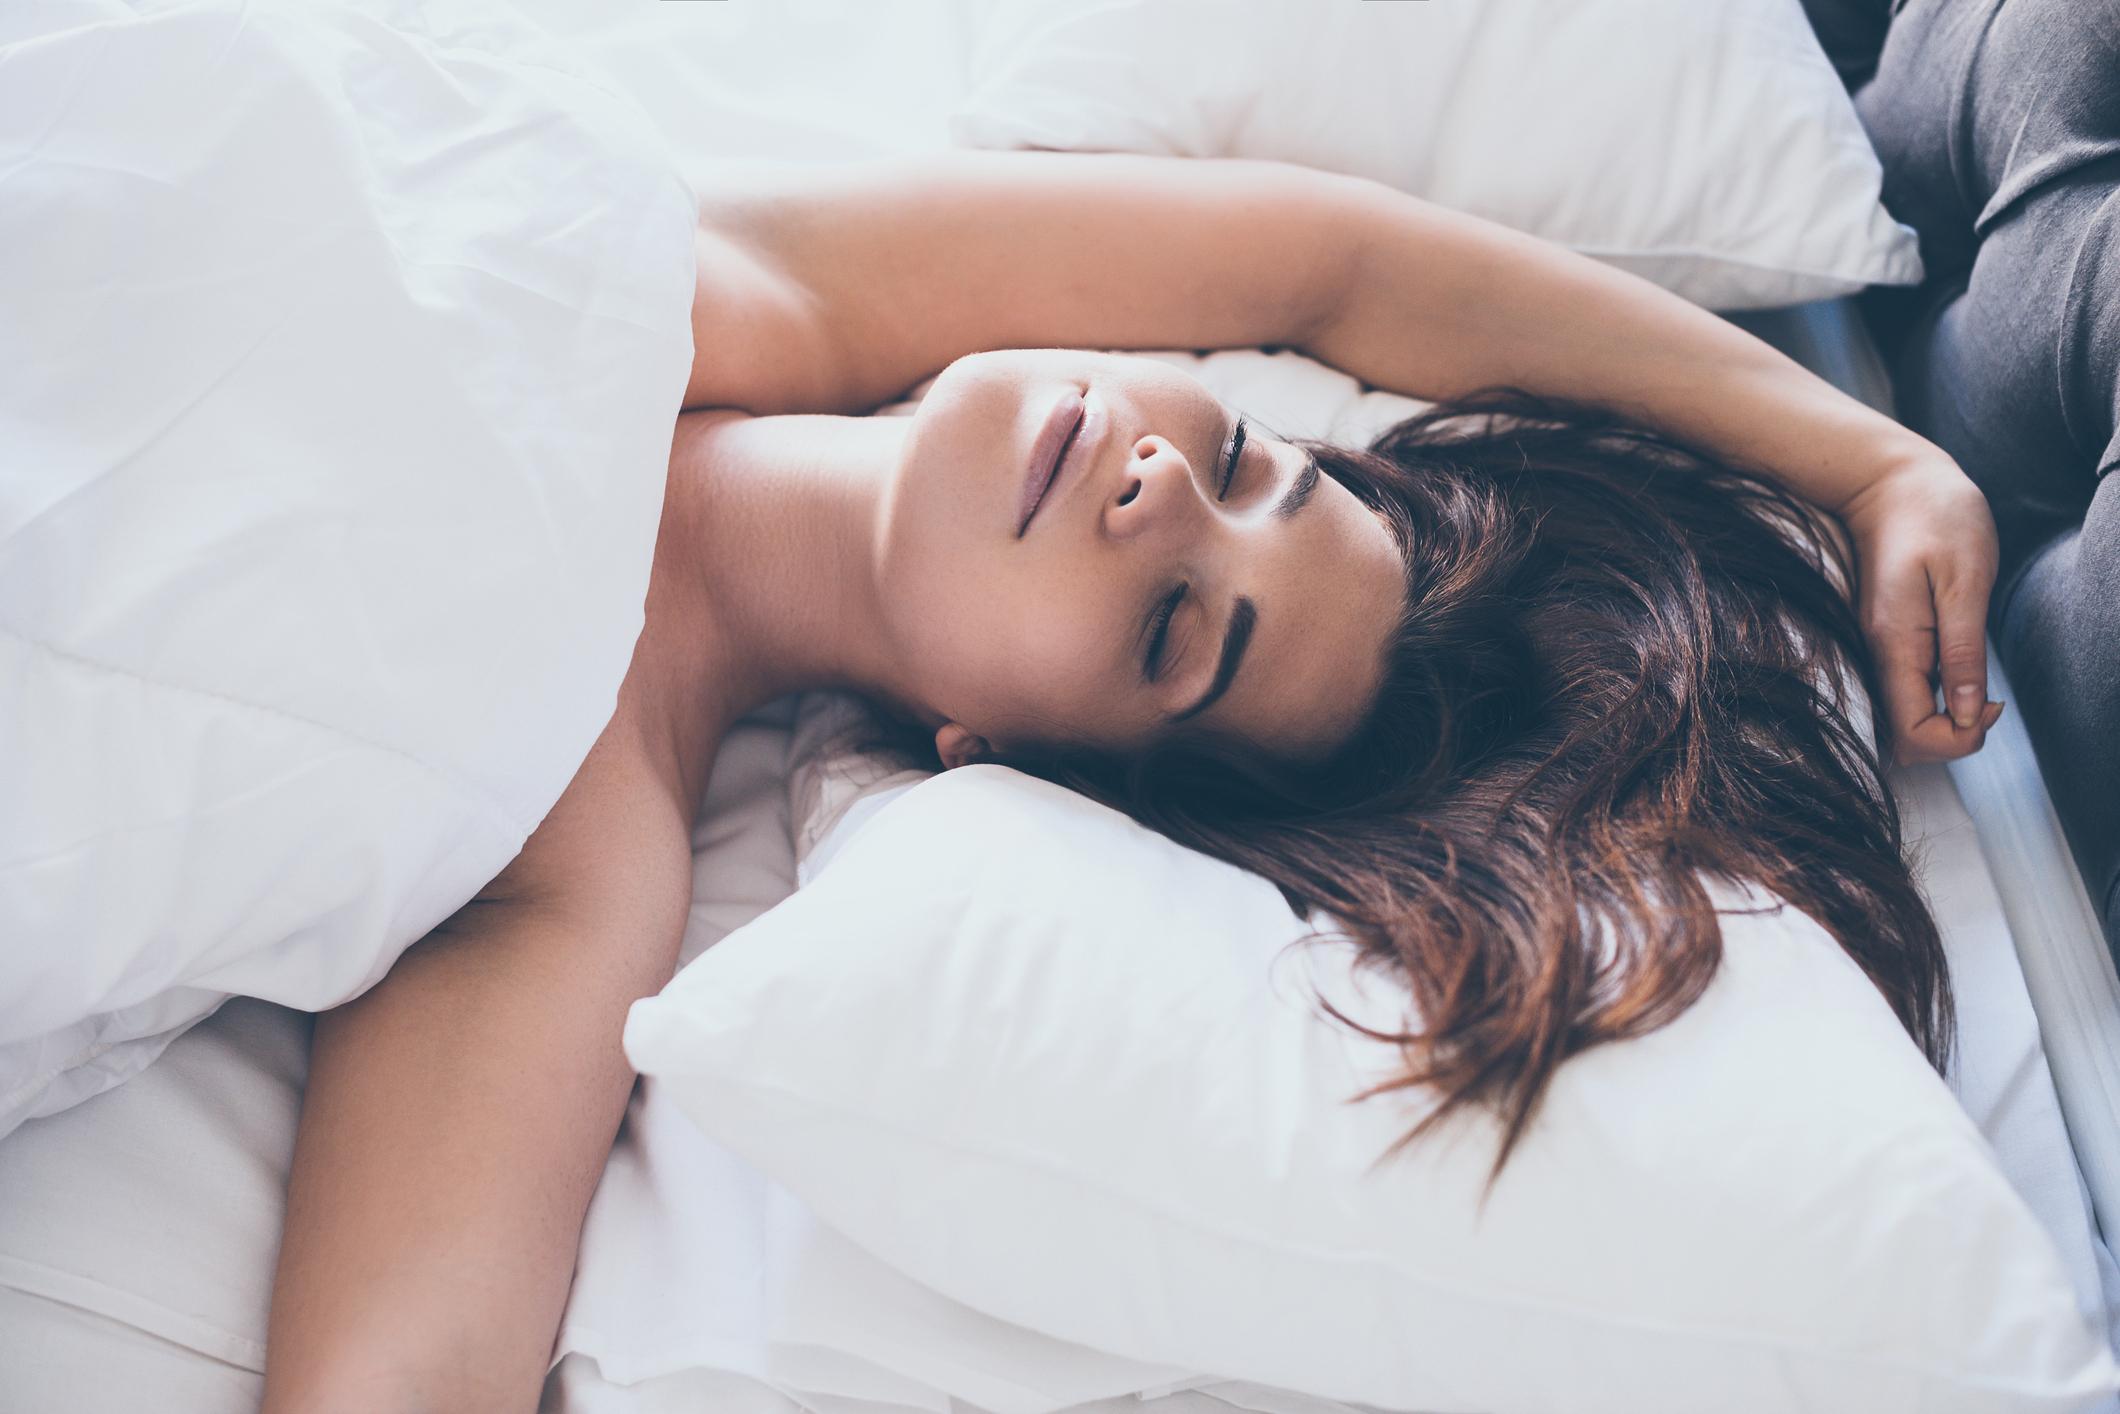 iStock-schlaft nackt -erholsam schlafen bei niedrigen Temperaturen